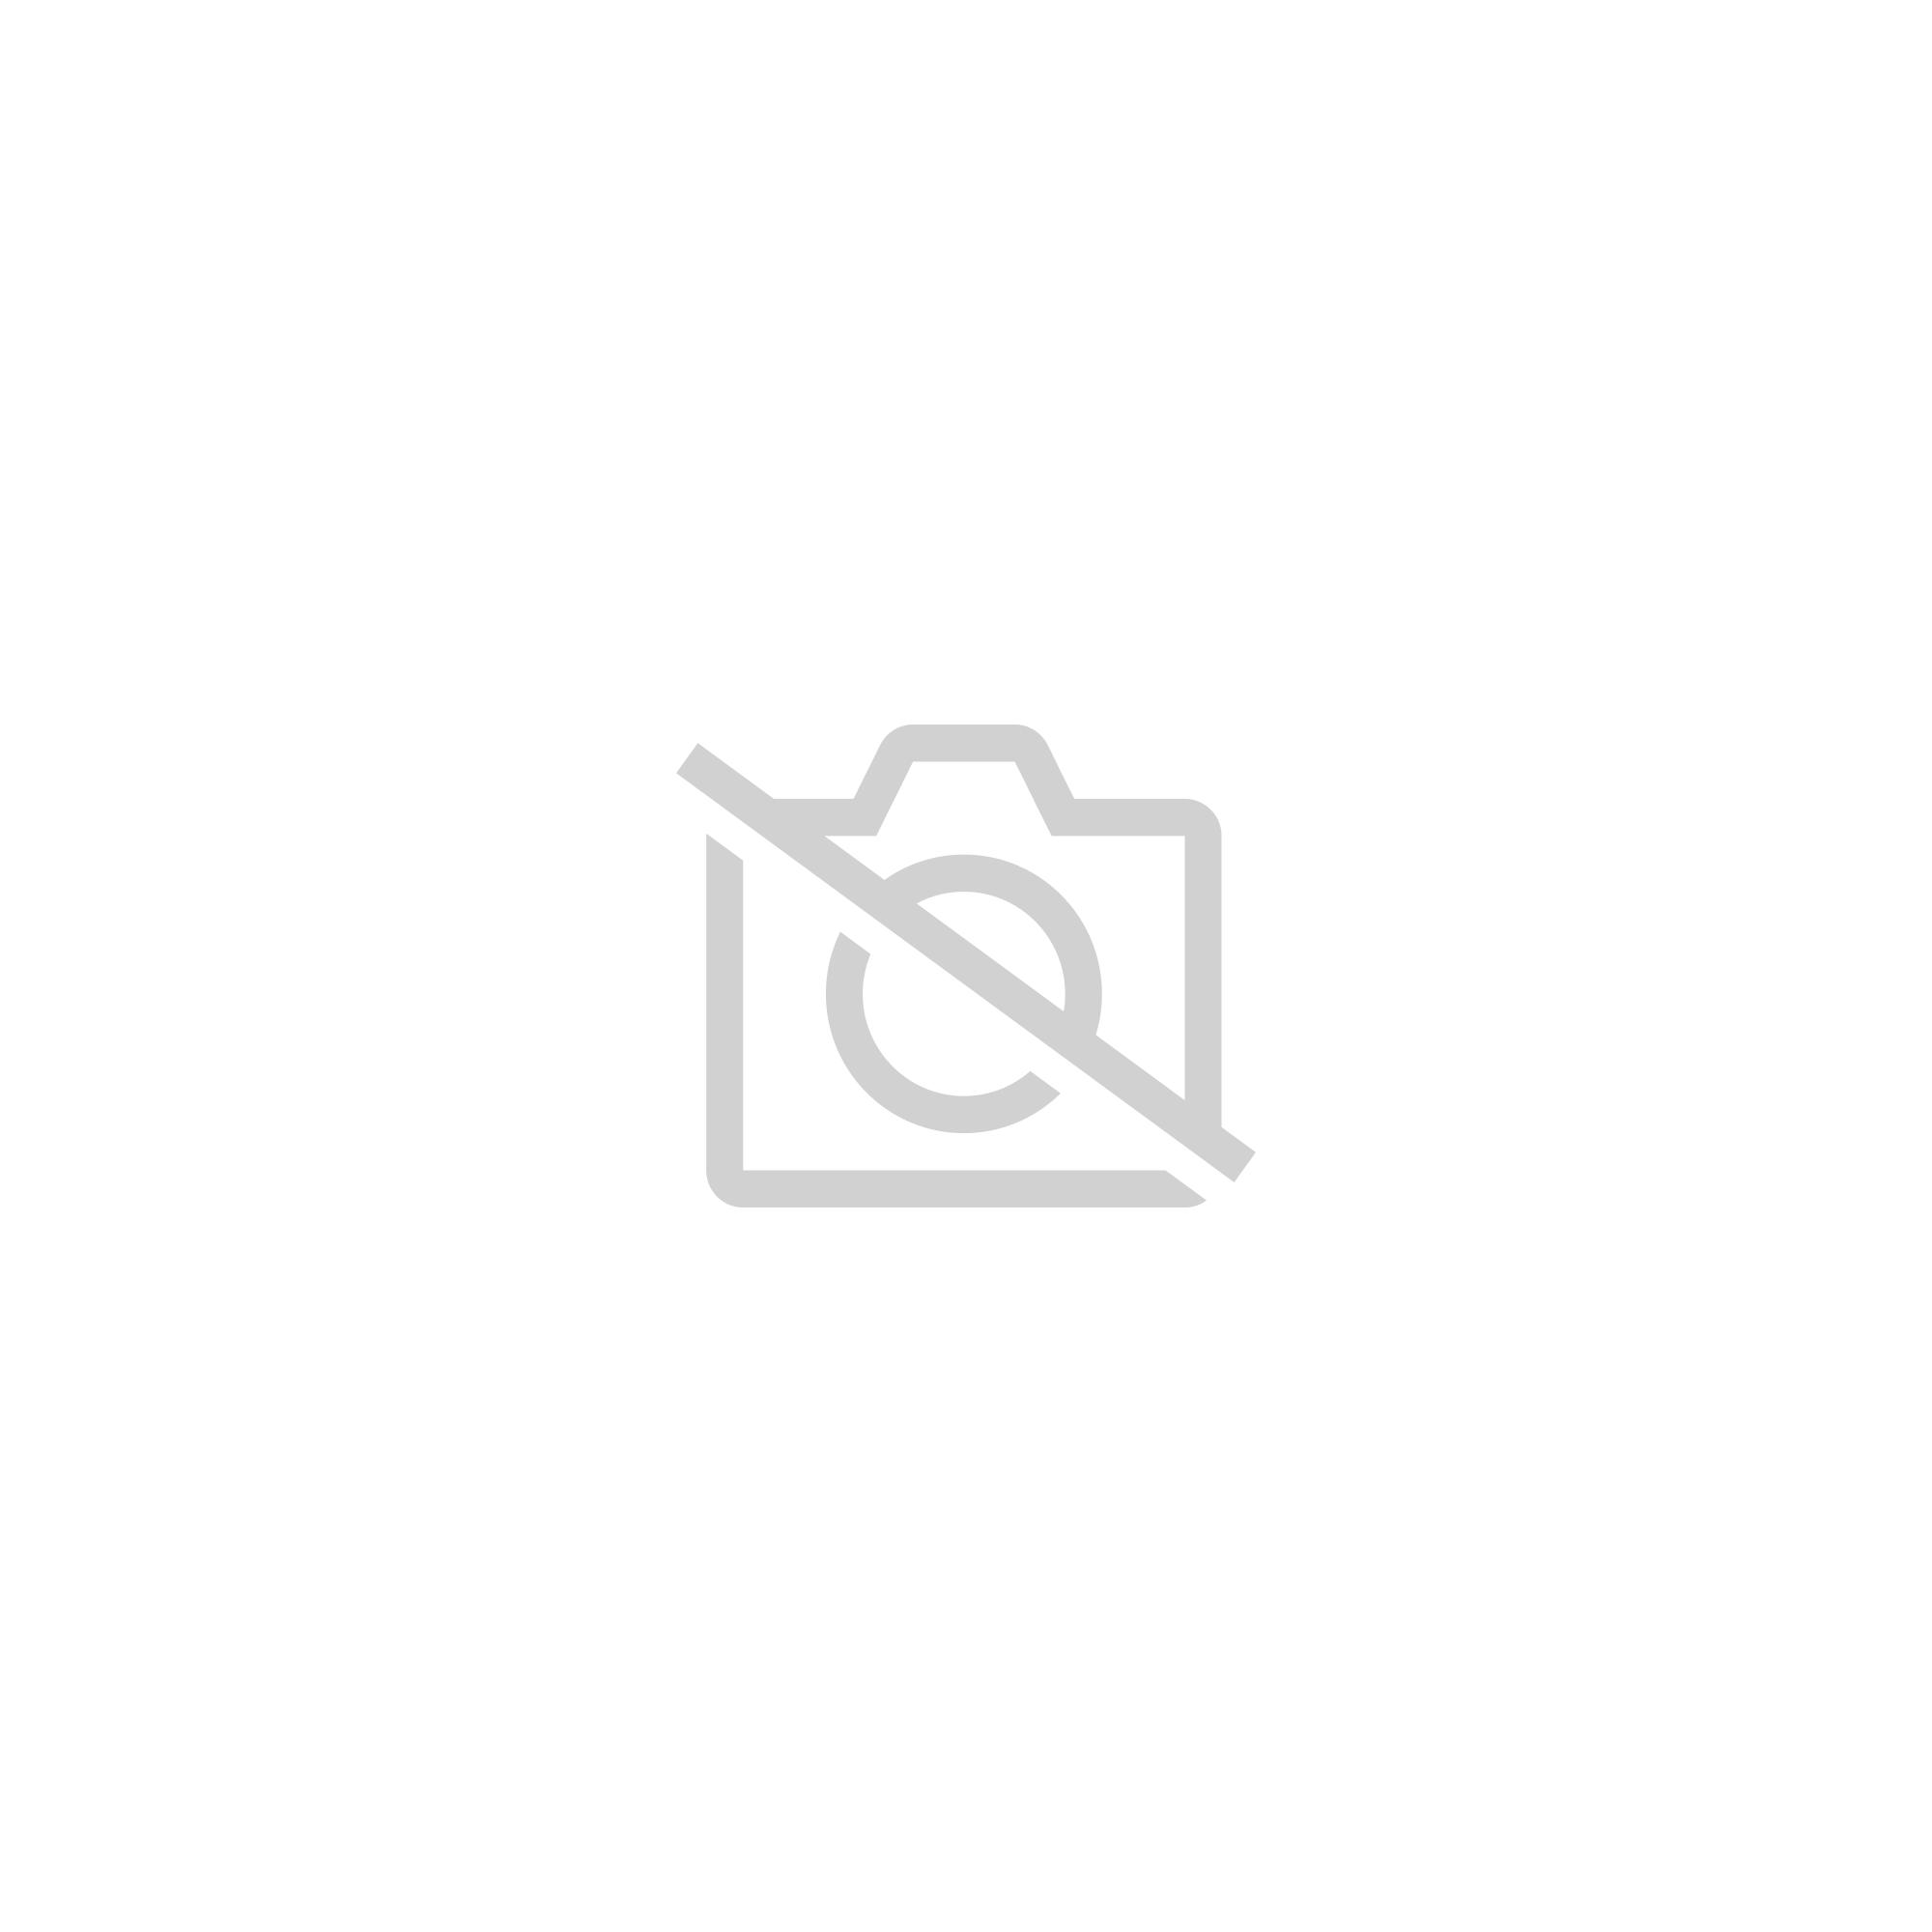 rare PLV souple 30x30cm KYLIE MINOGUE kiss me once 2014 / magasins FNAC